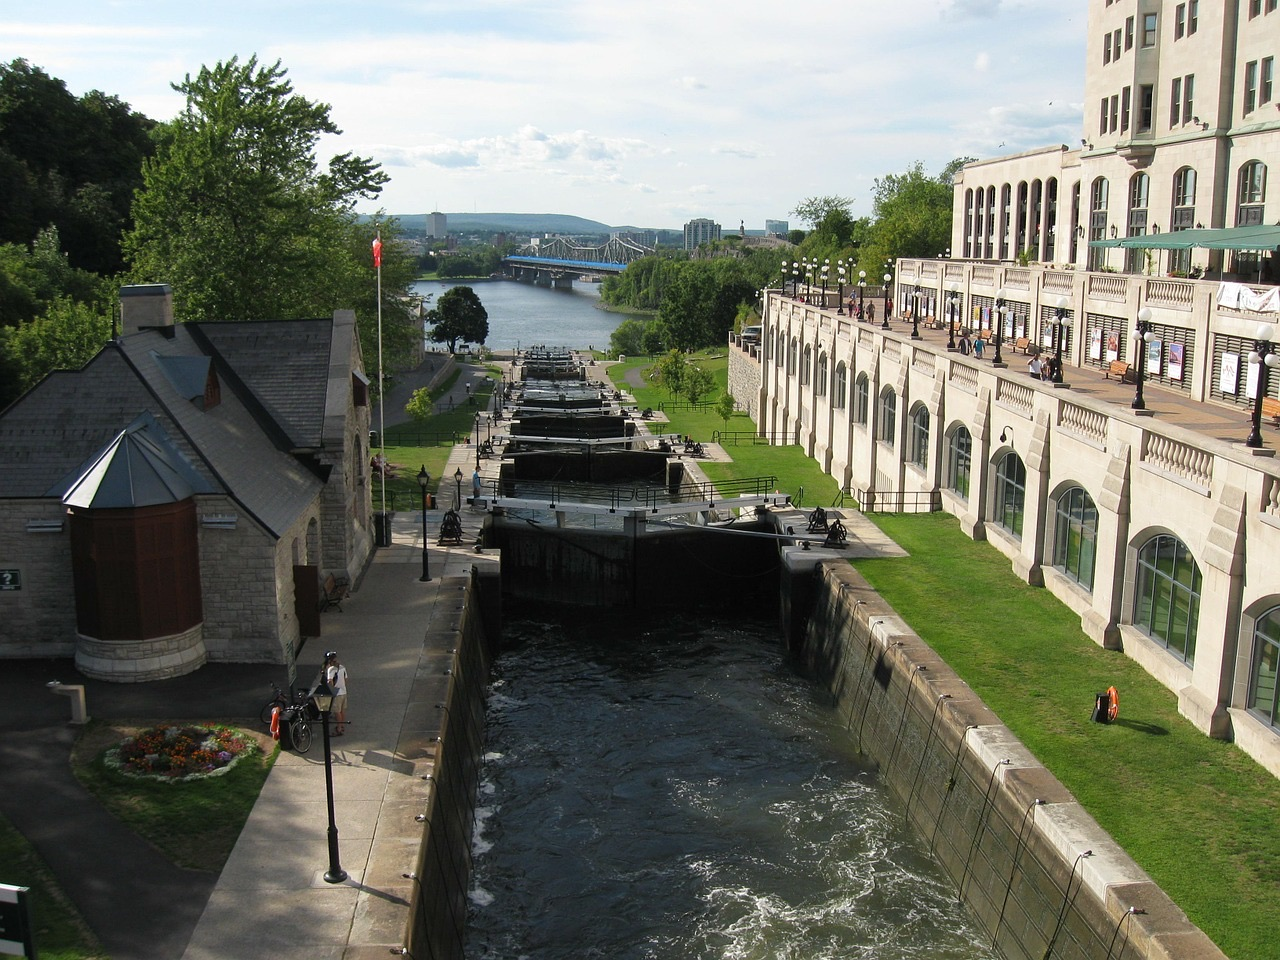 加拿大 渥太华 里多运河